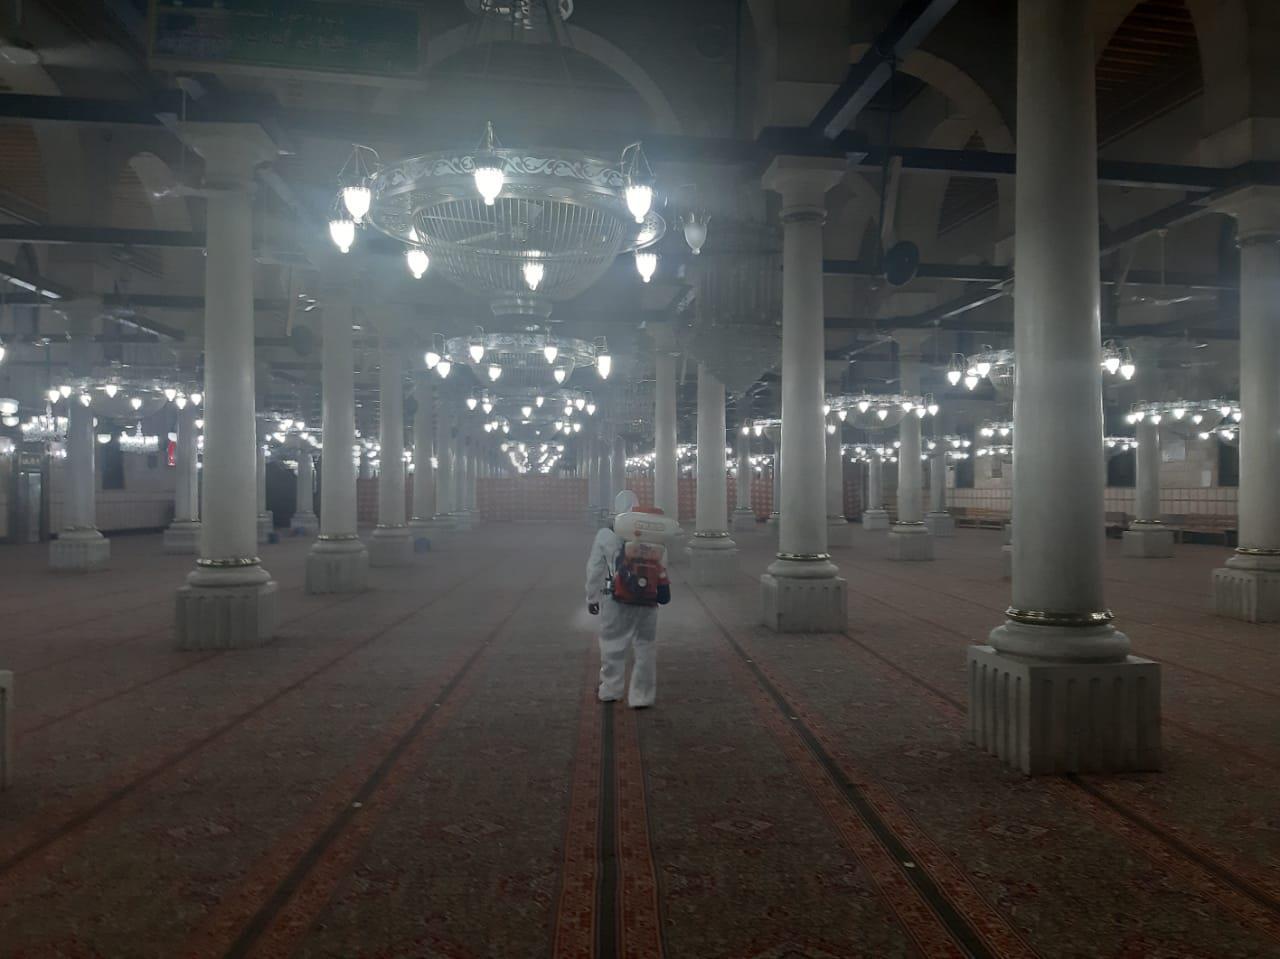 انطلاق أعمال التعقيم بمسجد الإمام الحسين تمهيدا لقرار إعادة الفتح